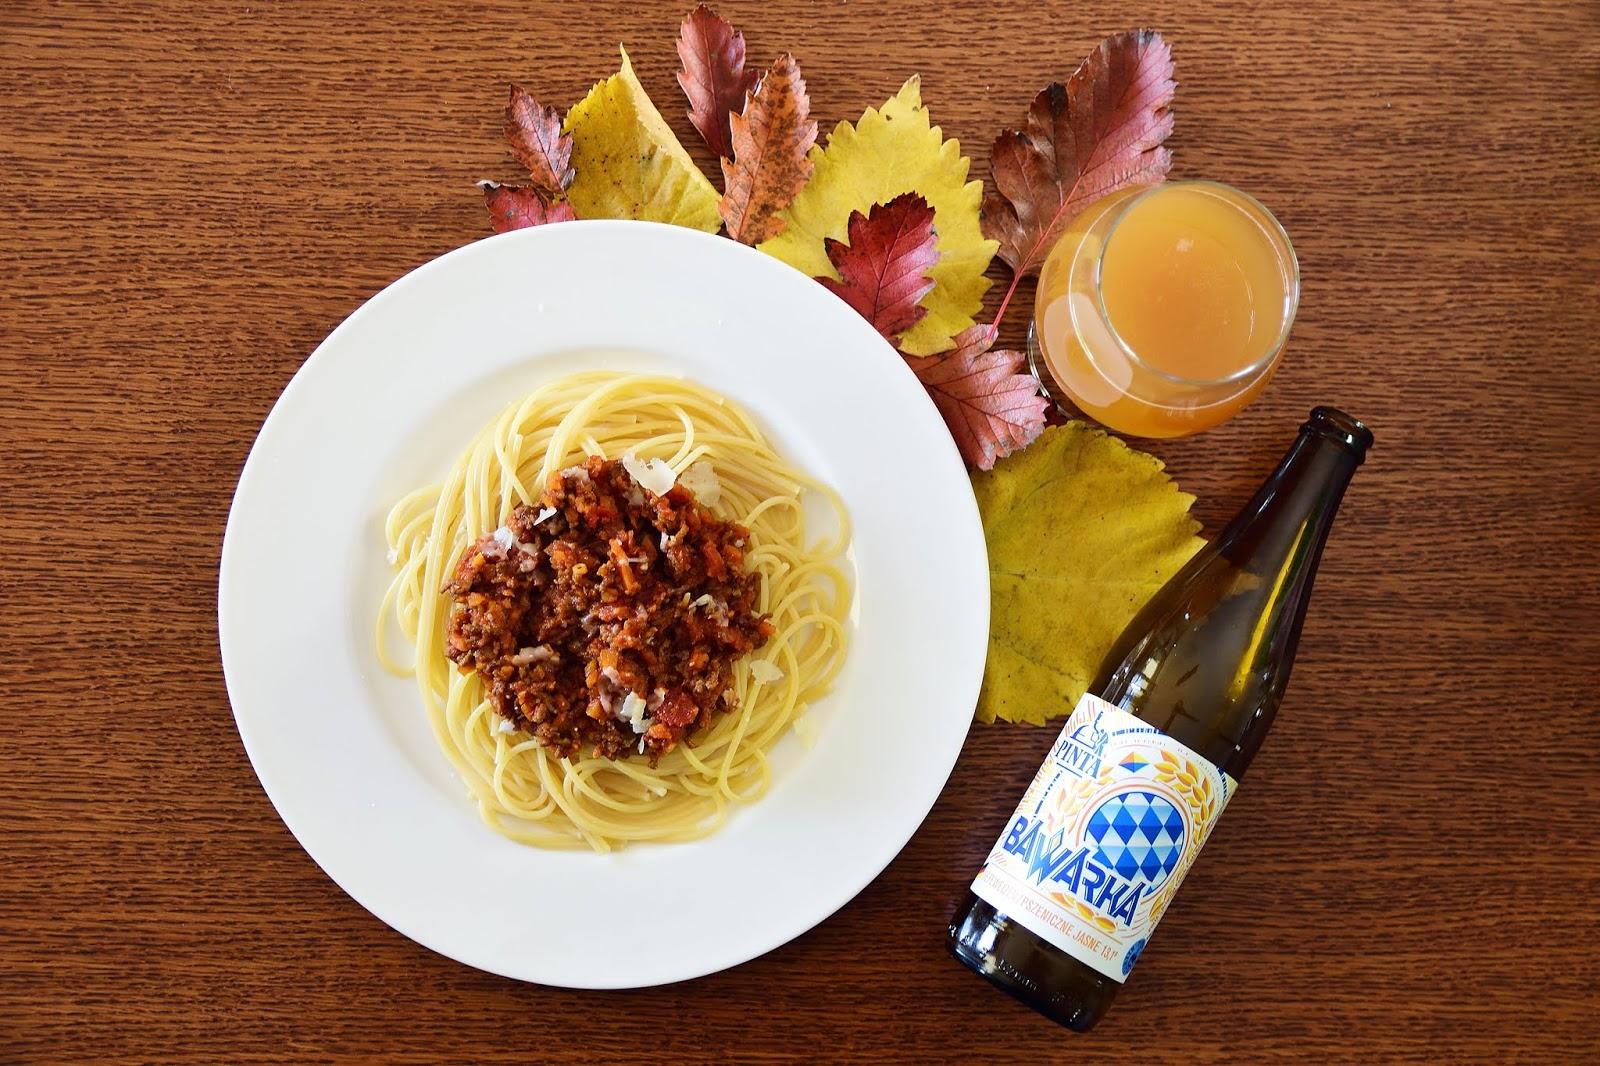 Piwna kuchnia - Spaghetti bolognese z piwem pszenicznym